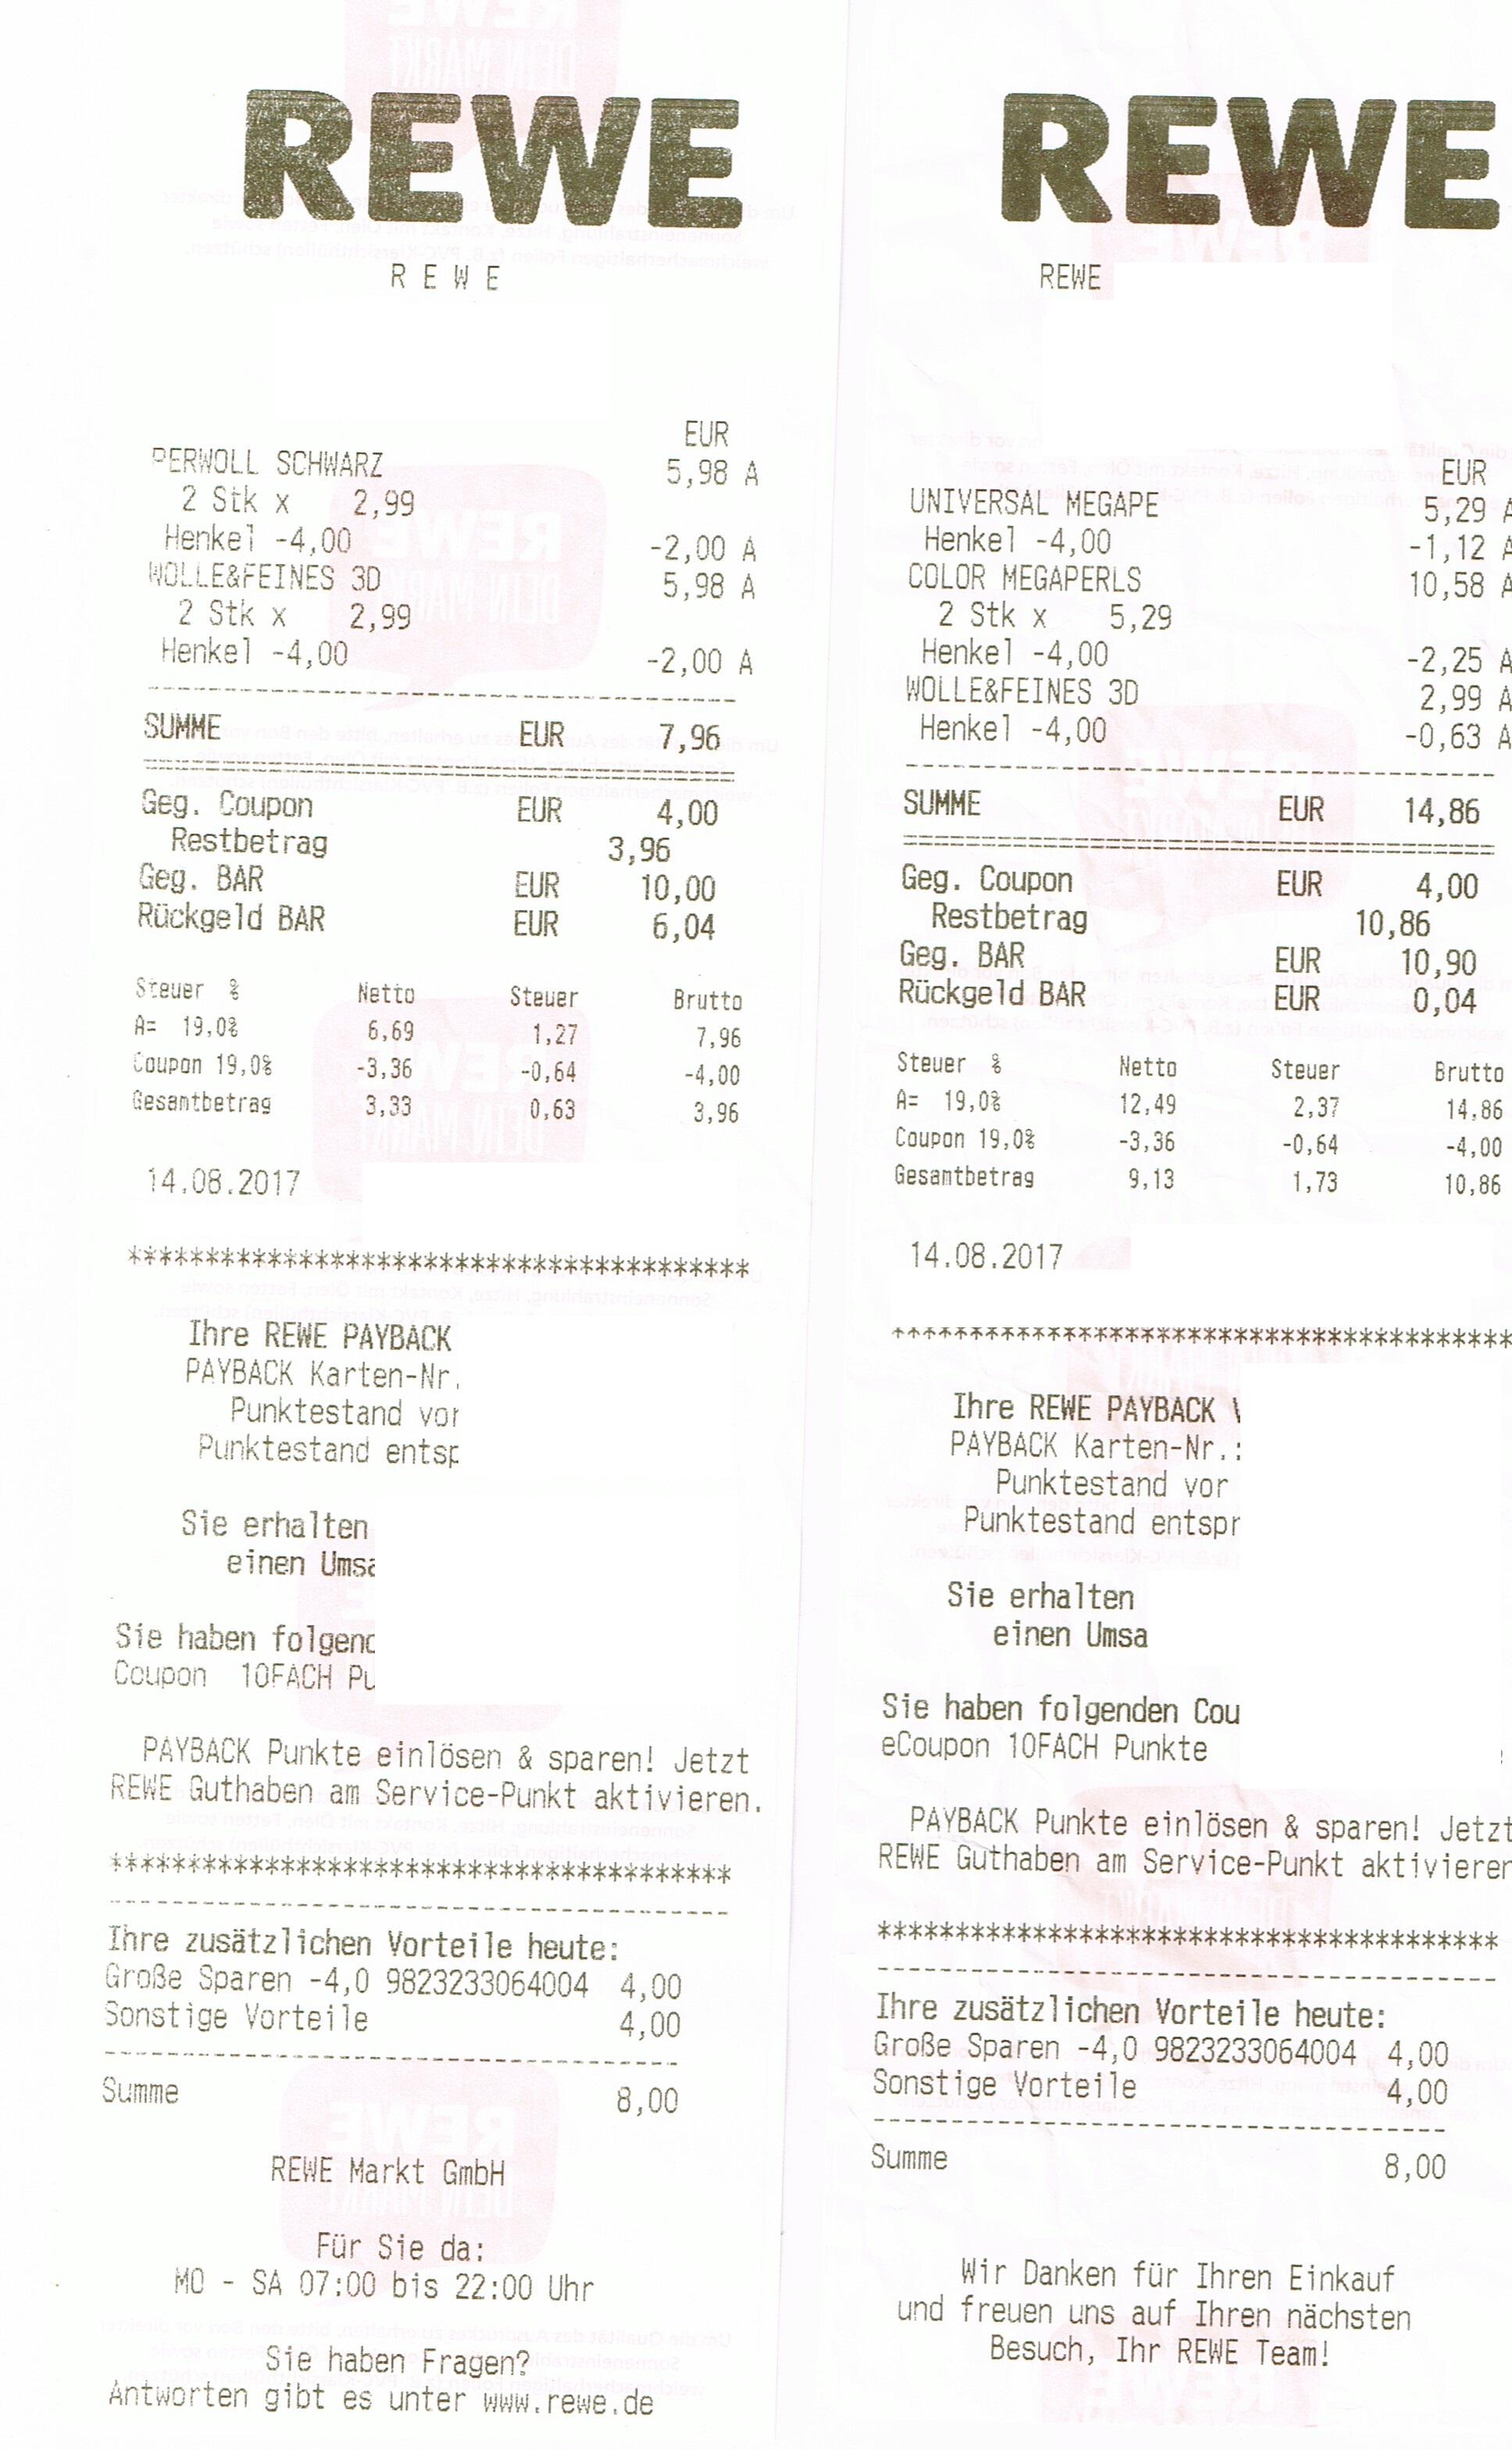 [REWE] 4x Perwoll für 3,96€/0,99€ stk/ 4x Persil 20WL für 13,16€/3,29€ mit Coupons